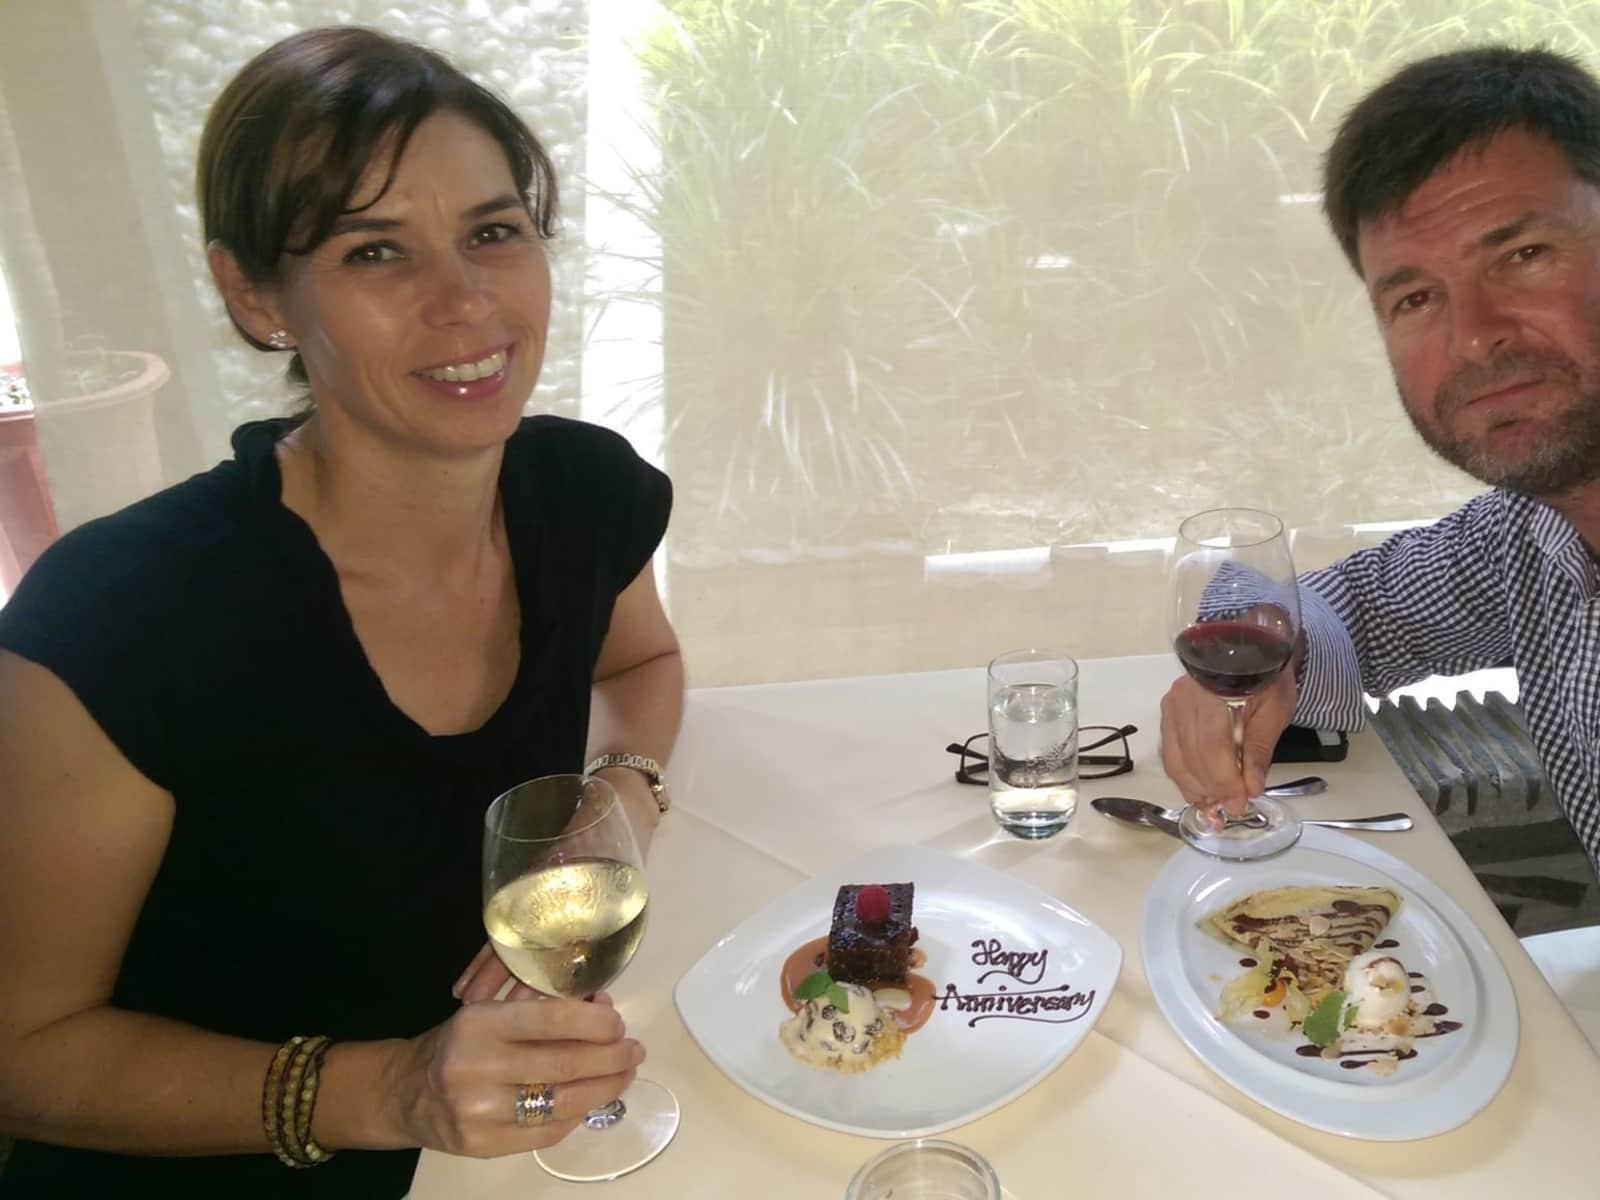 Nardia & Jason from Singapore, Singapore